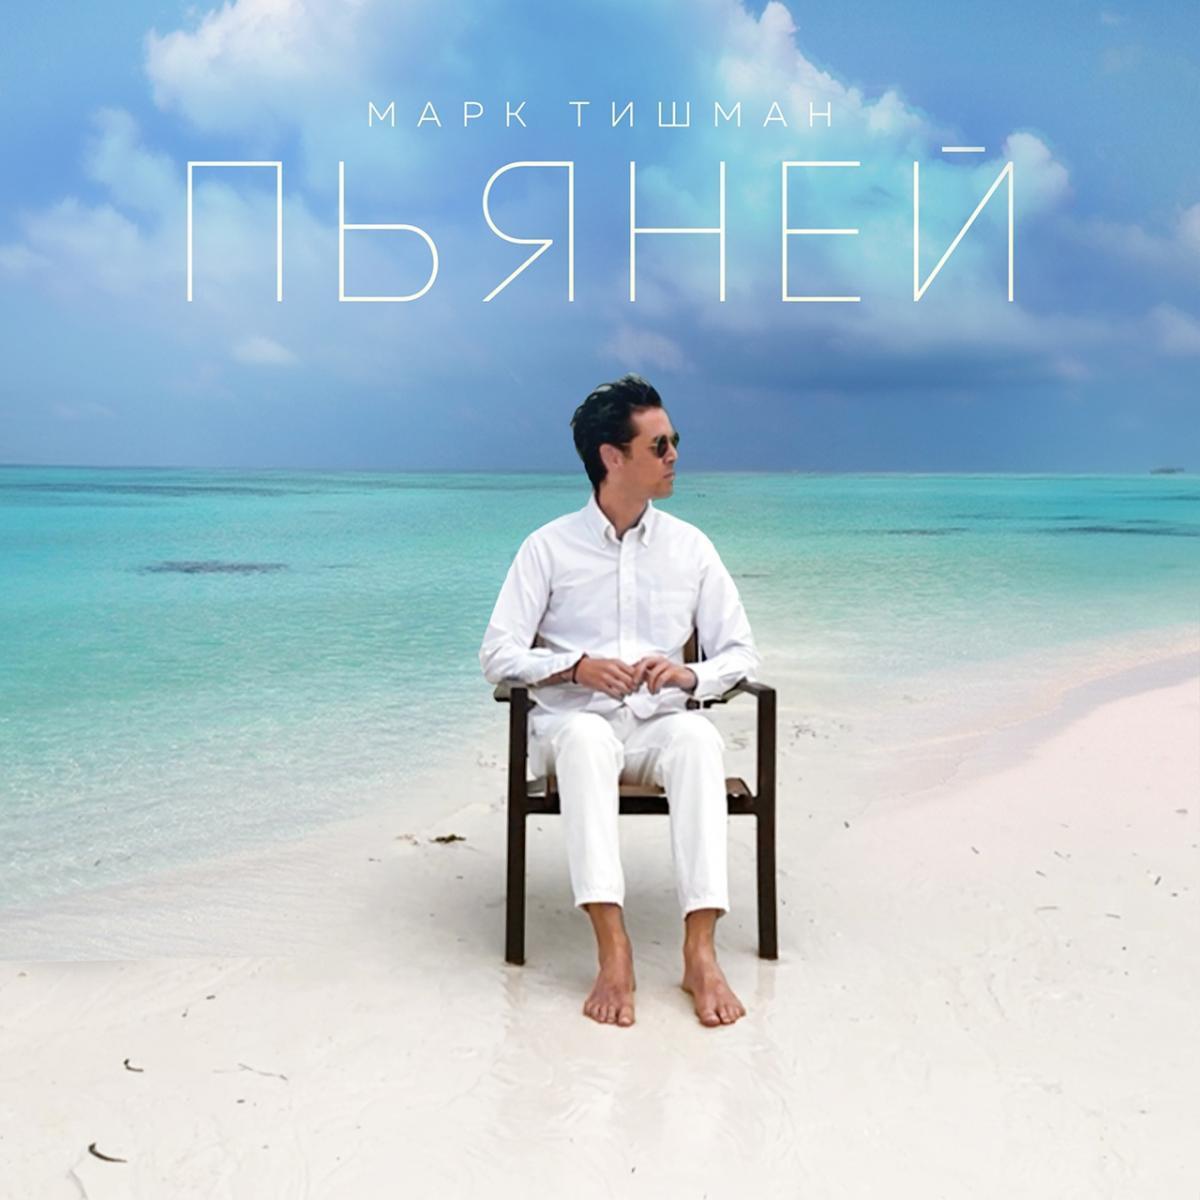 «Пьяней»: Марк Тишман выпустил новую песню и презентовал клип на премьерную композицию